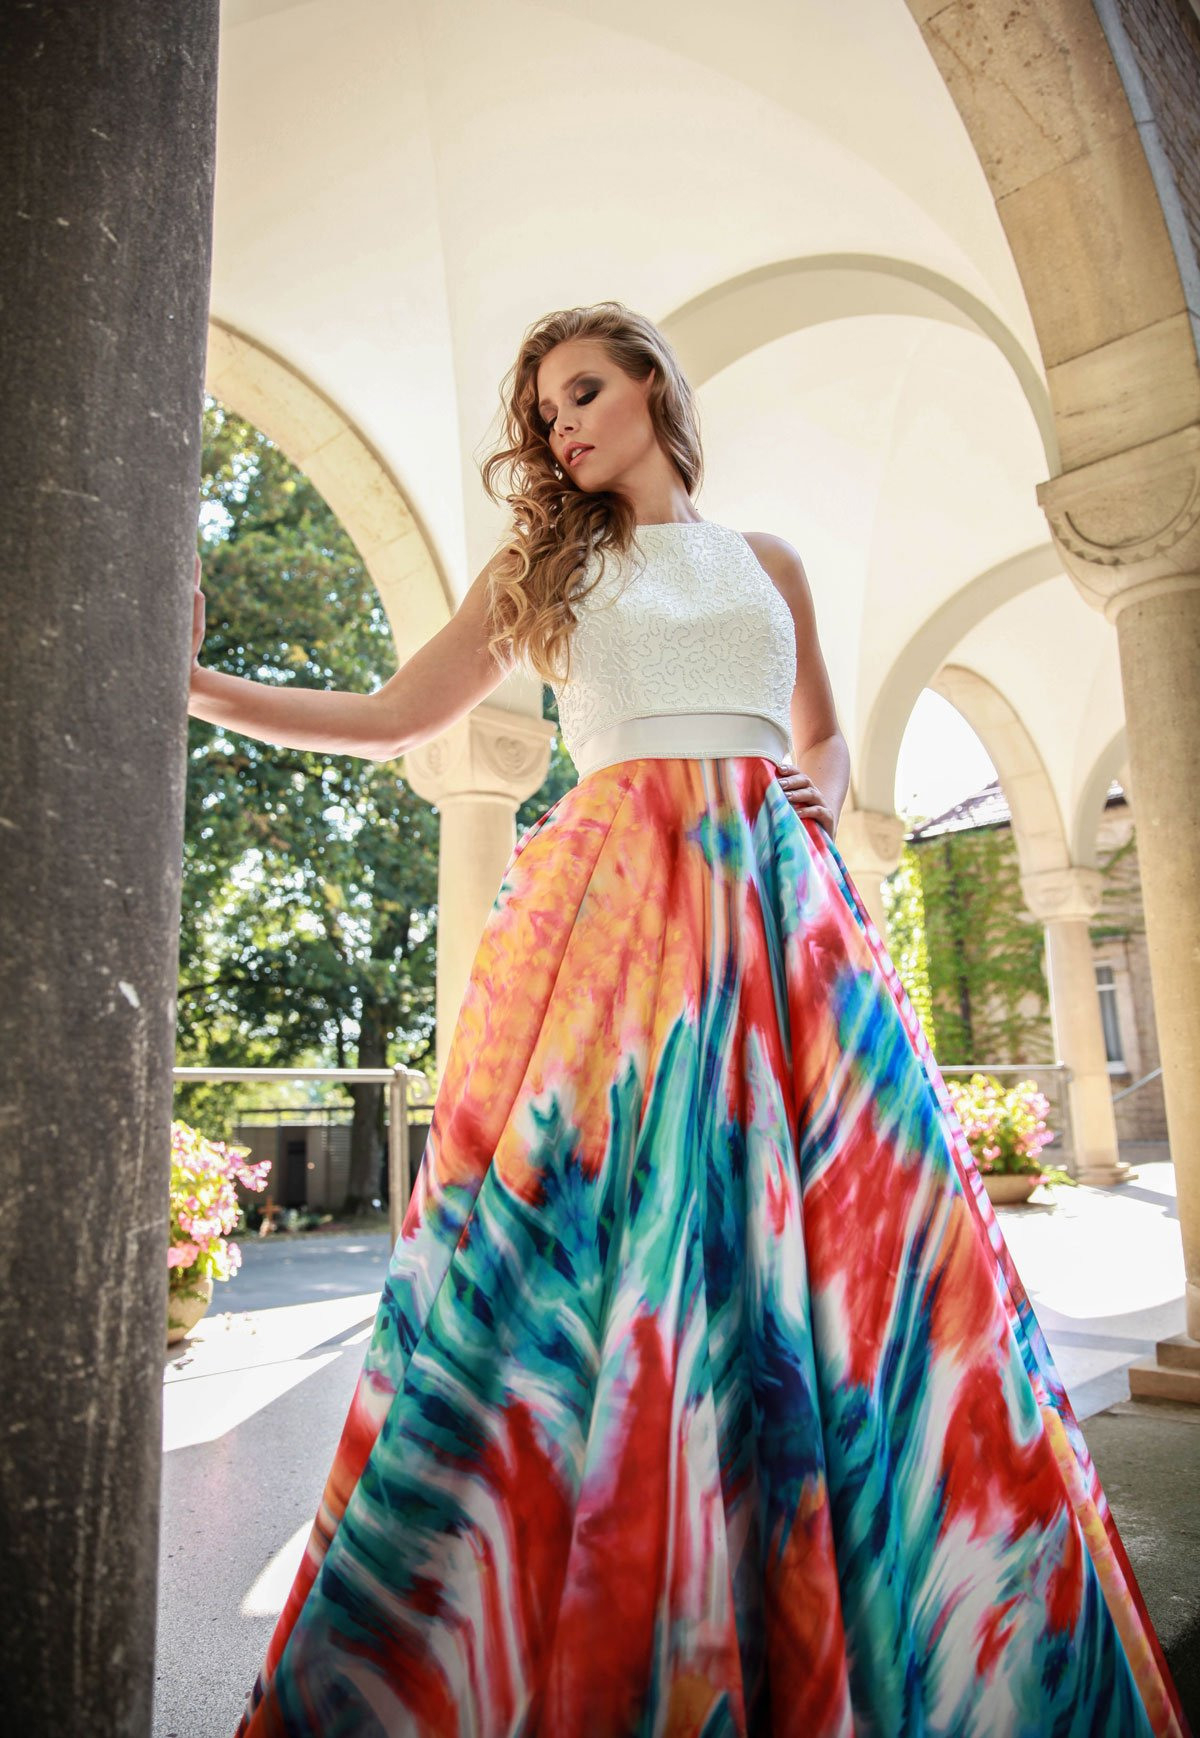 13 Schön Abendkleider Erfurt für 2019 Erstaunlich Abendkleider Erfurt Bester Preis